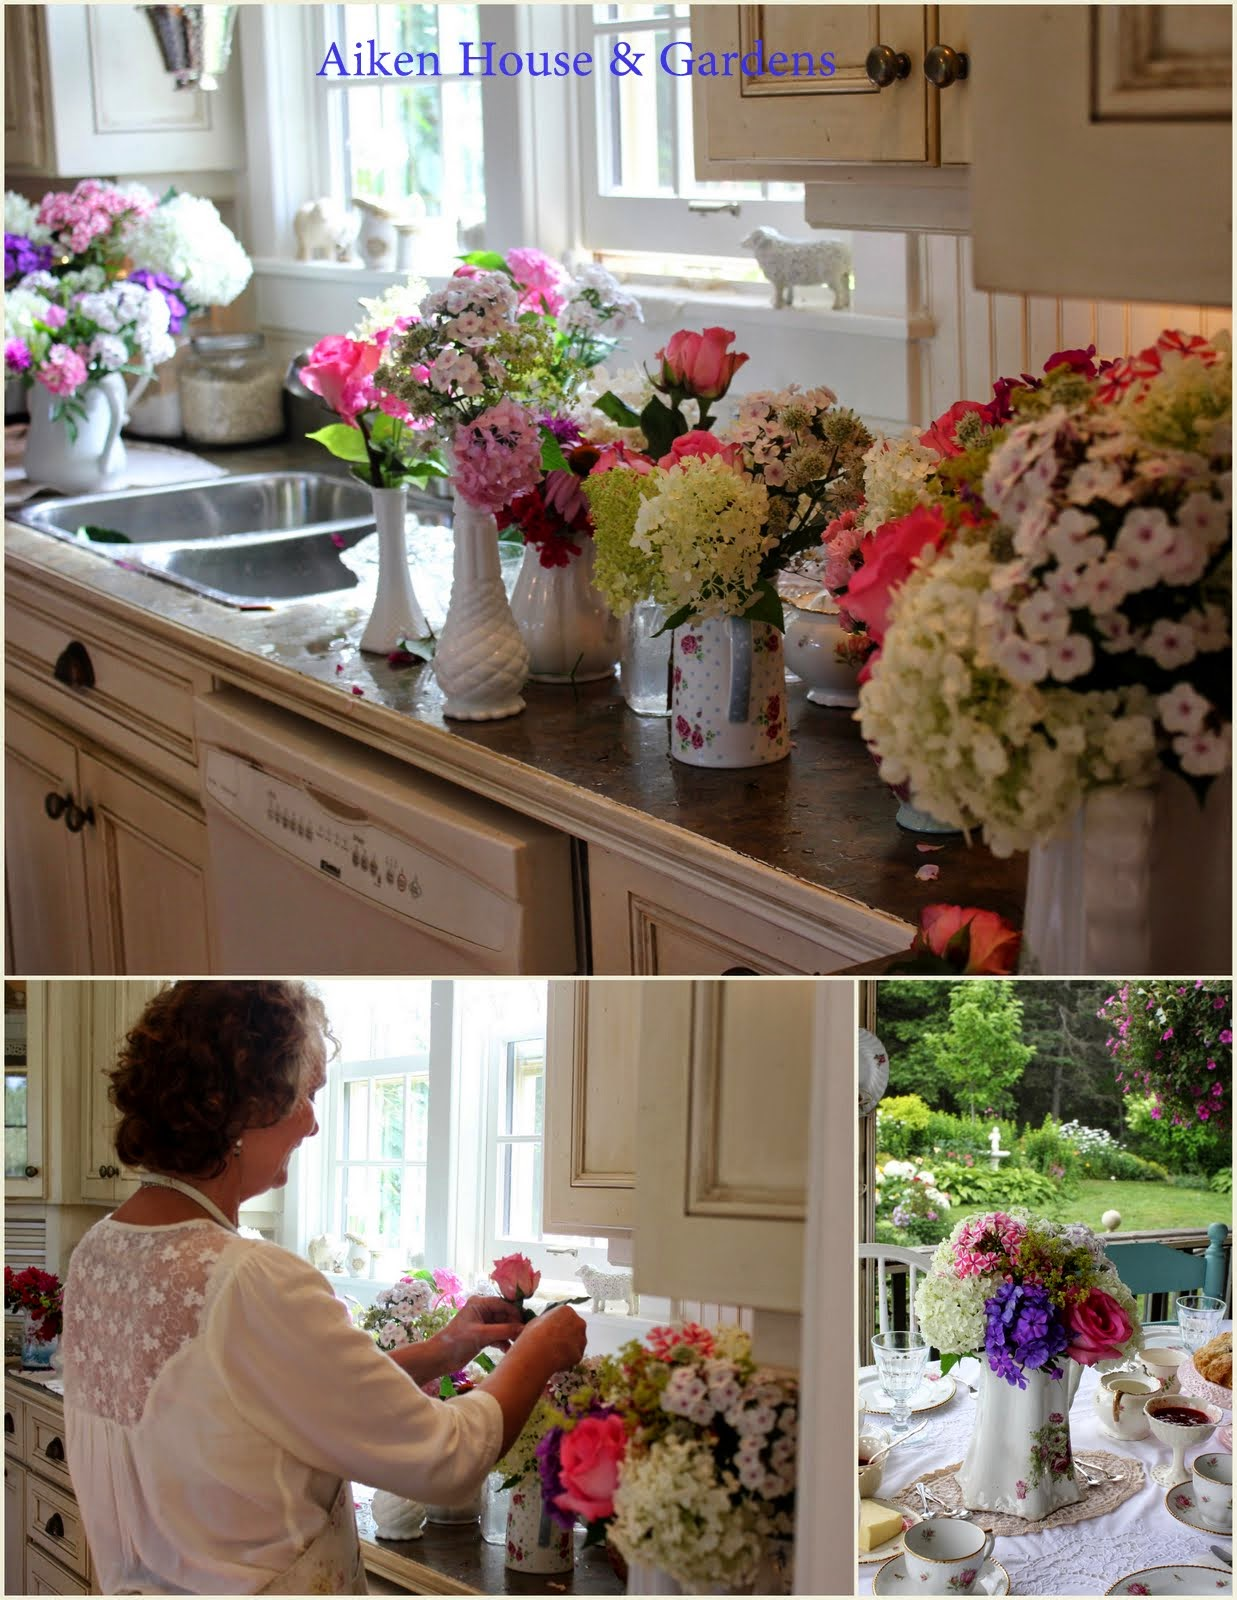 Aiken House & Gardens: Flower Power